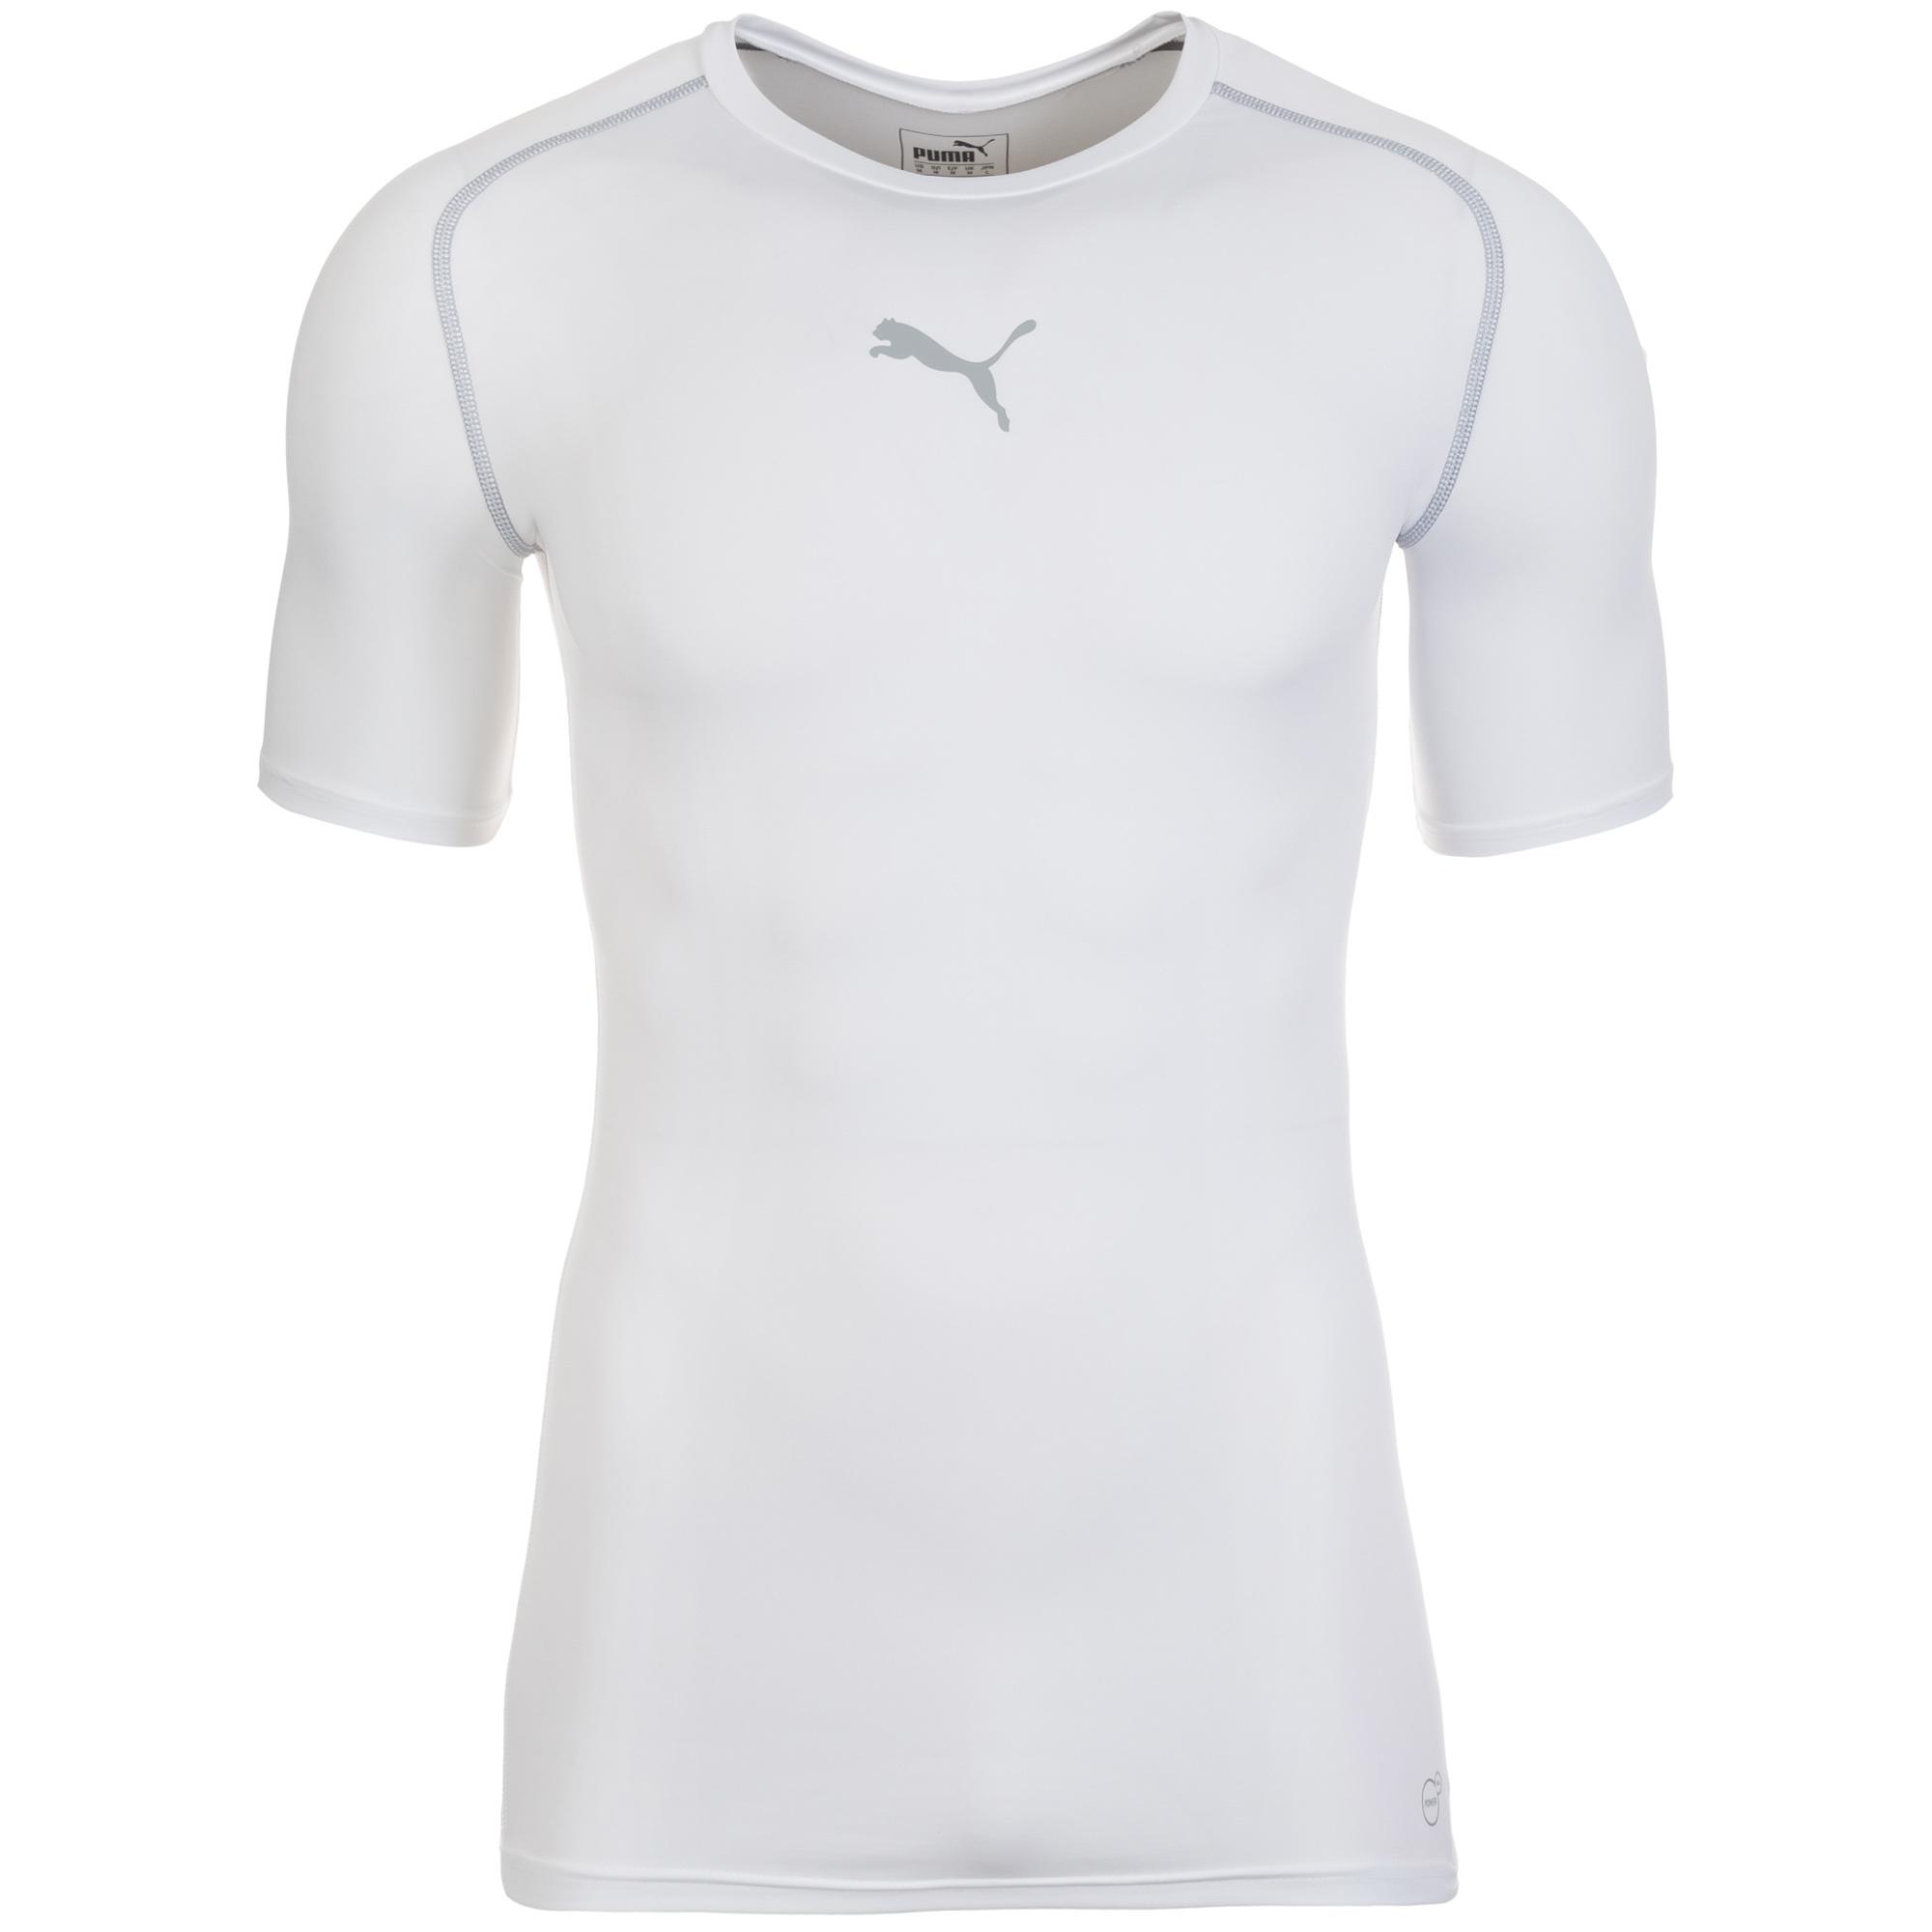 Puma Football Bodywear T-Shirt Image